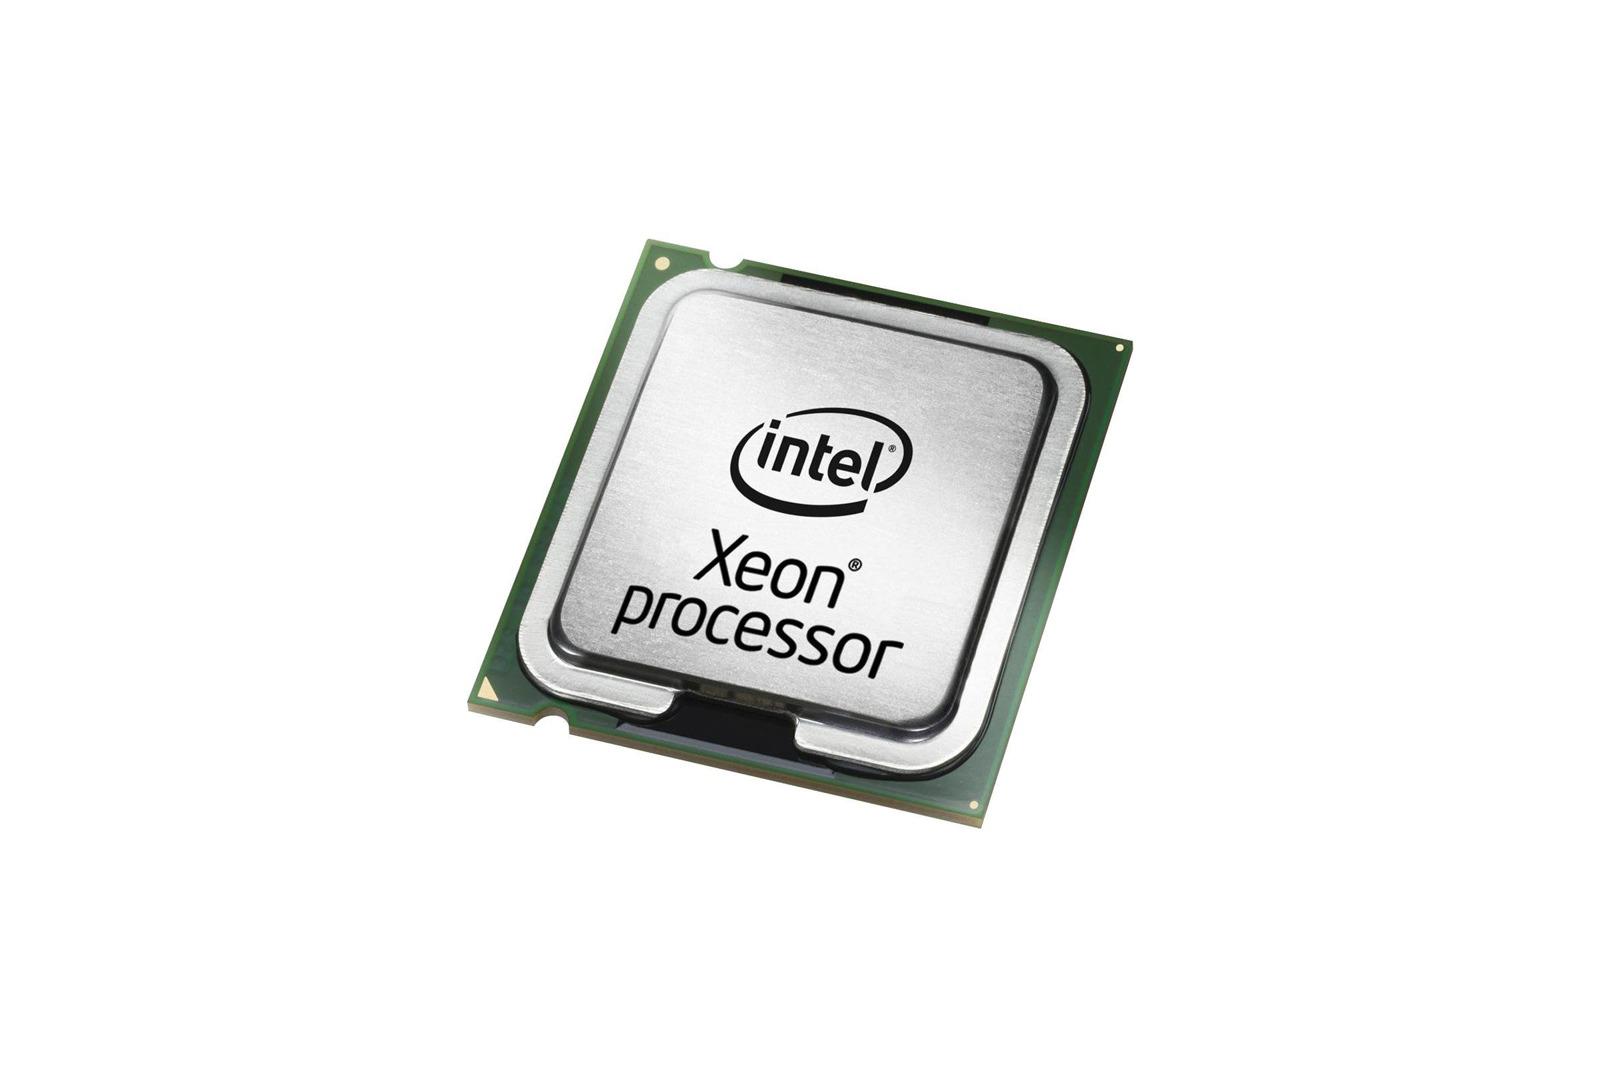 Processor Intel Xeon E5-2403 1.80GHz